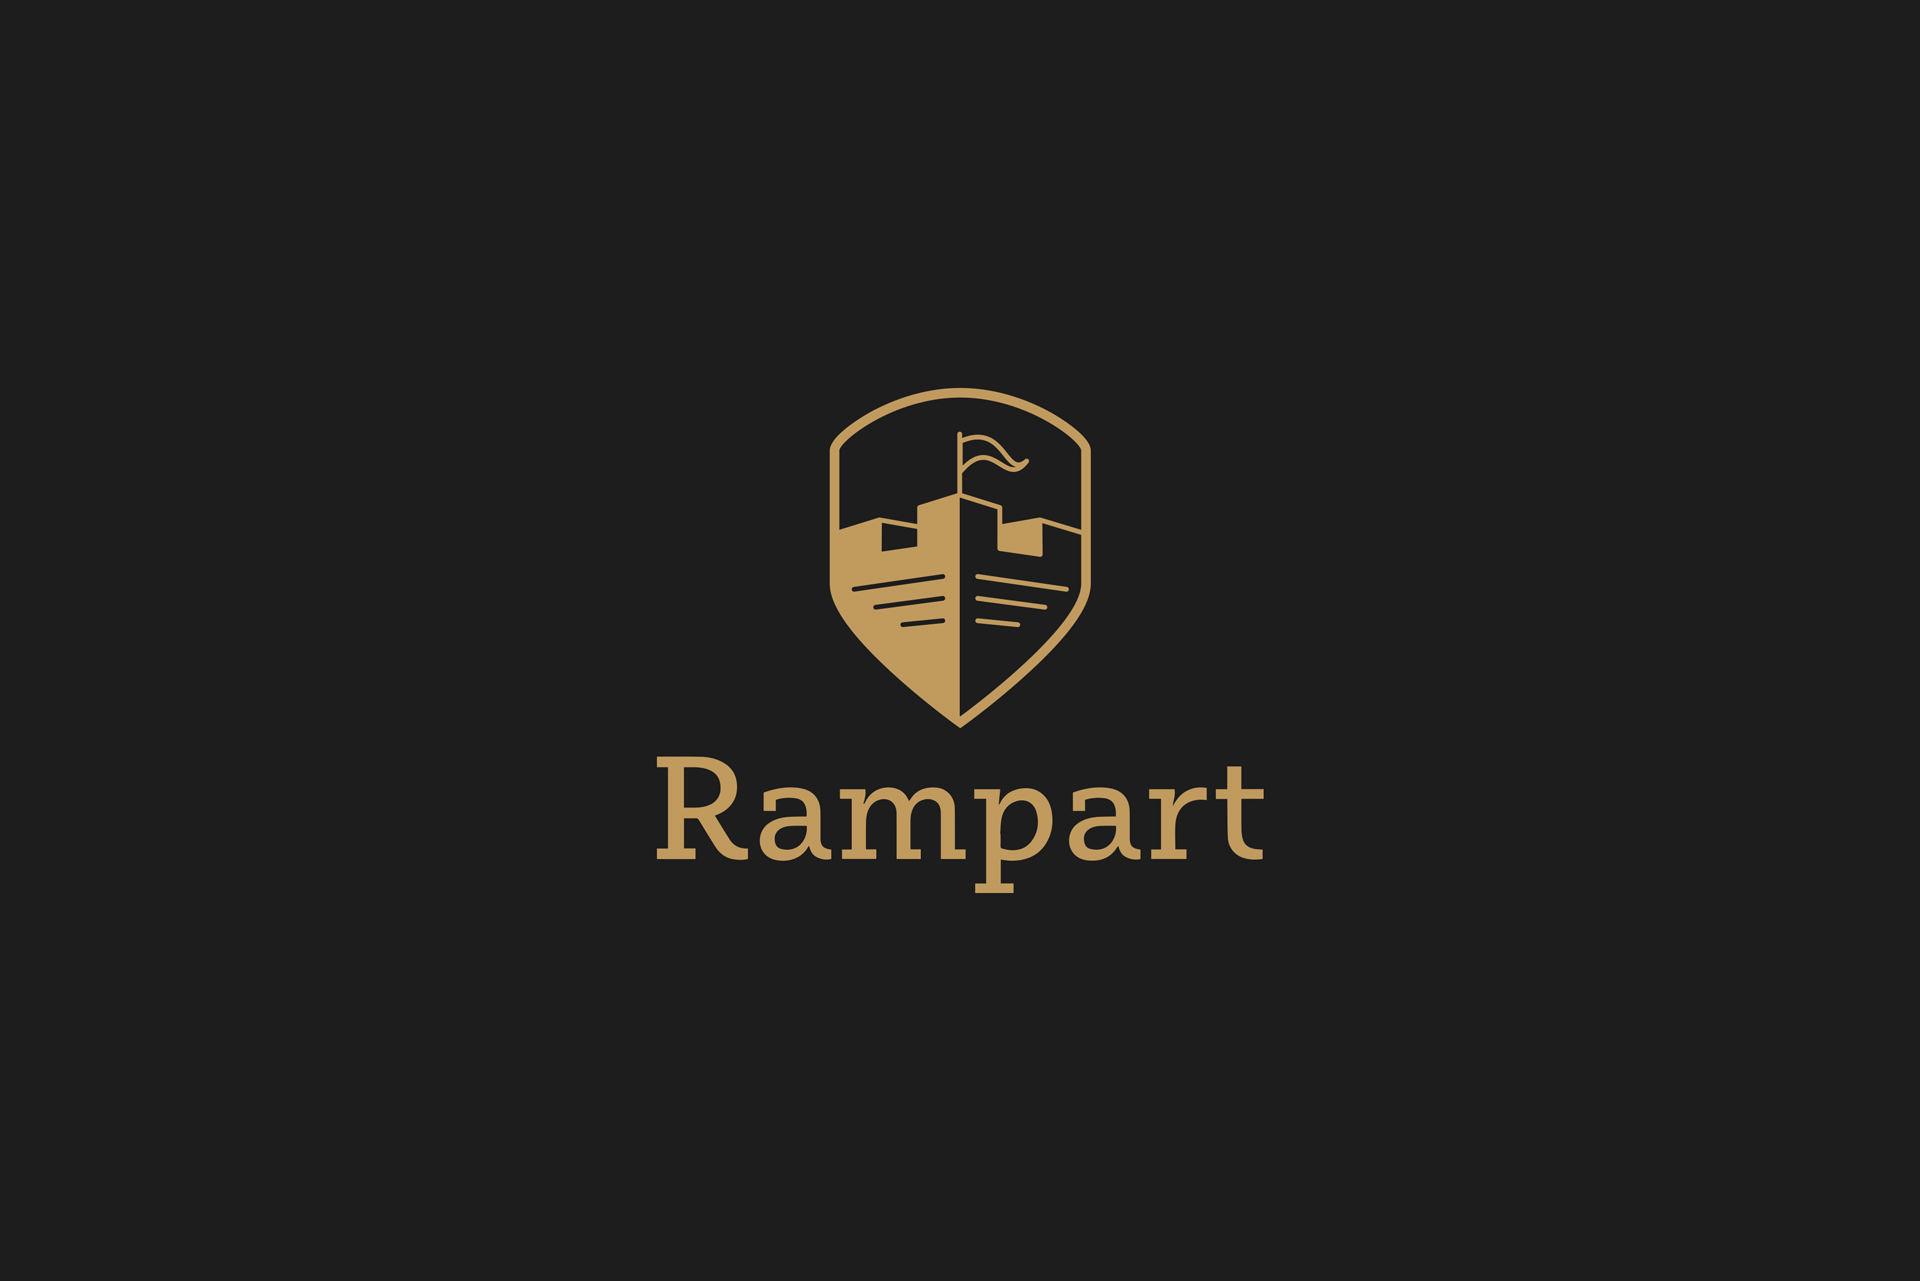 Dizajn i izrada logotipa za konsultantsku agenciju rampart